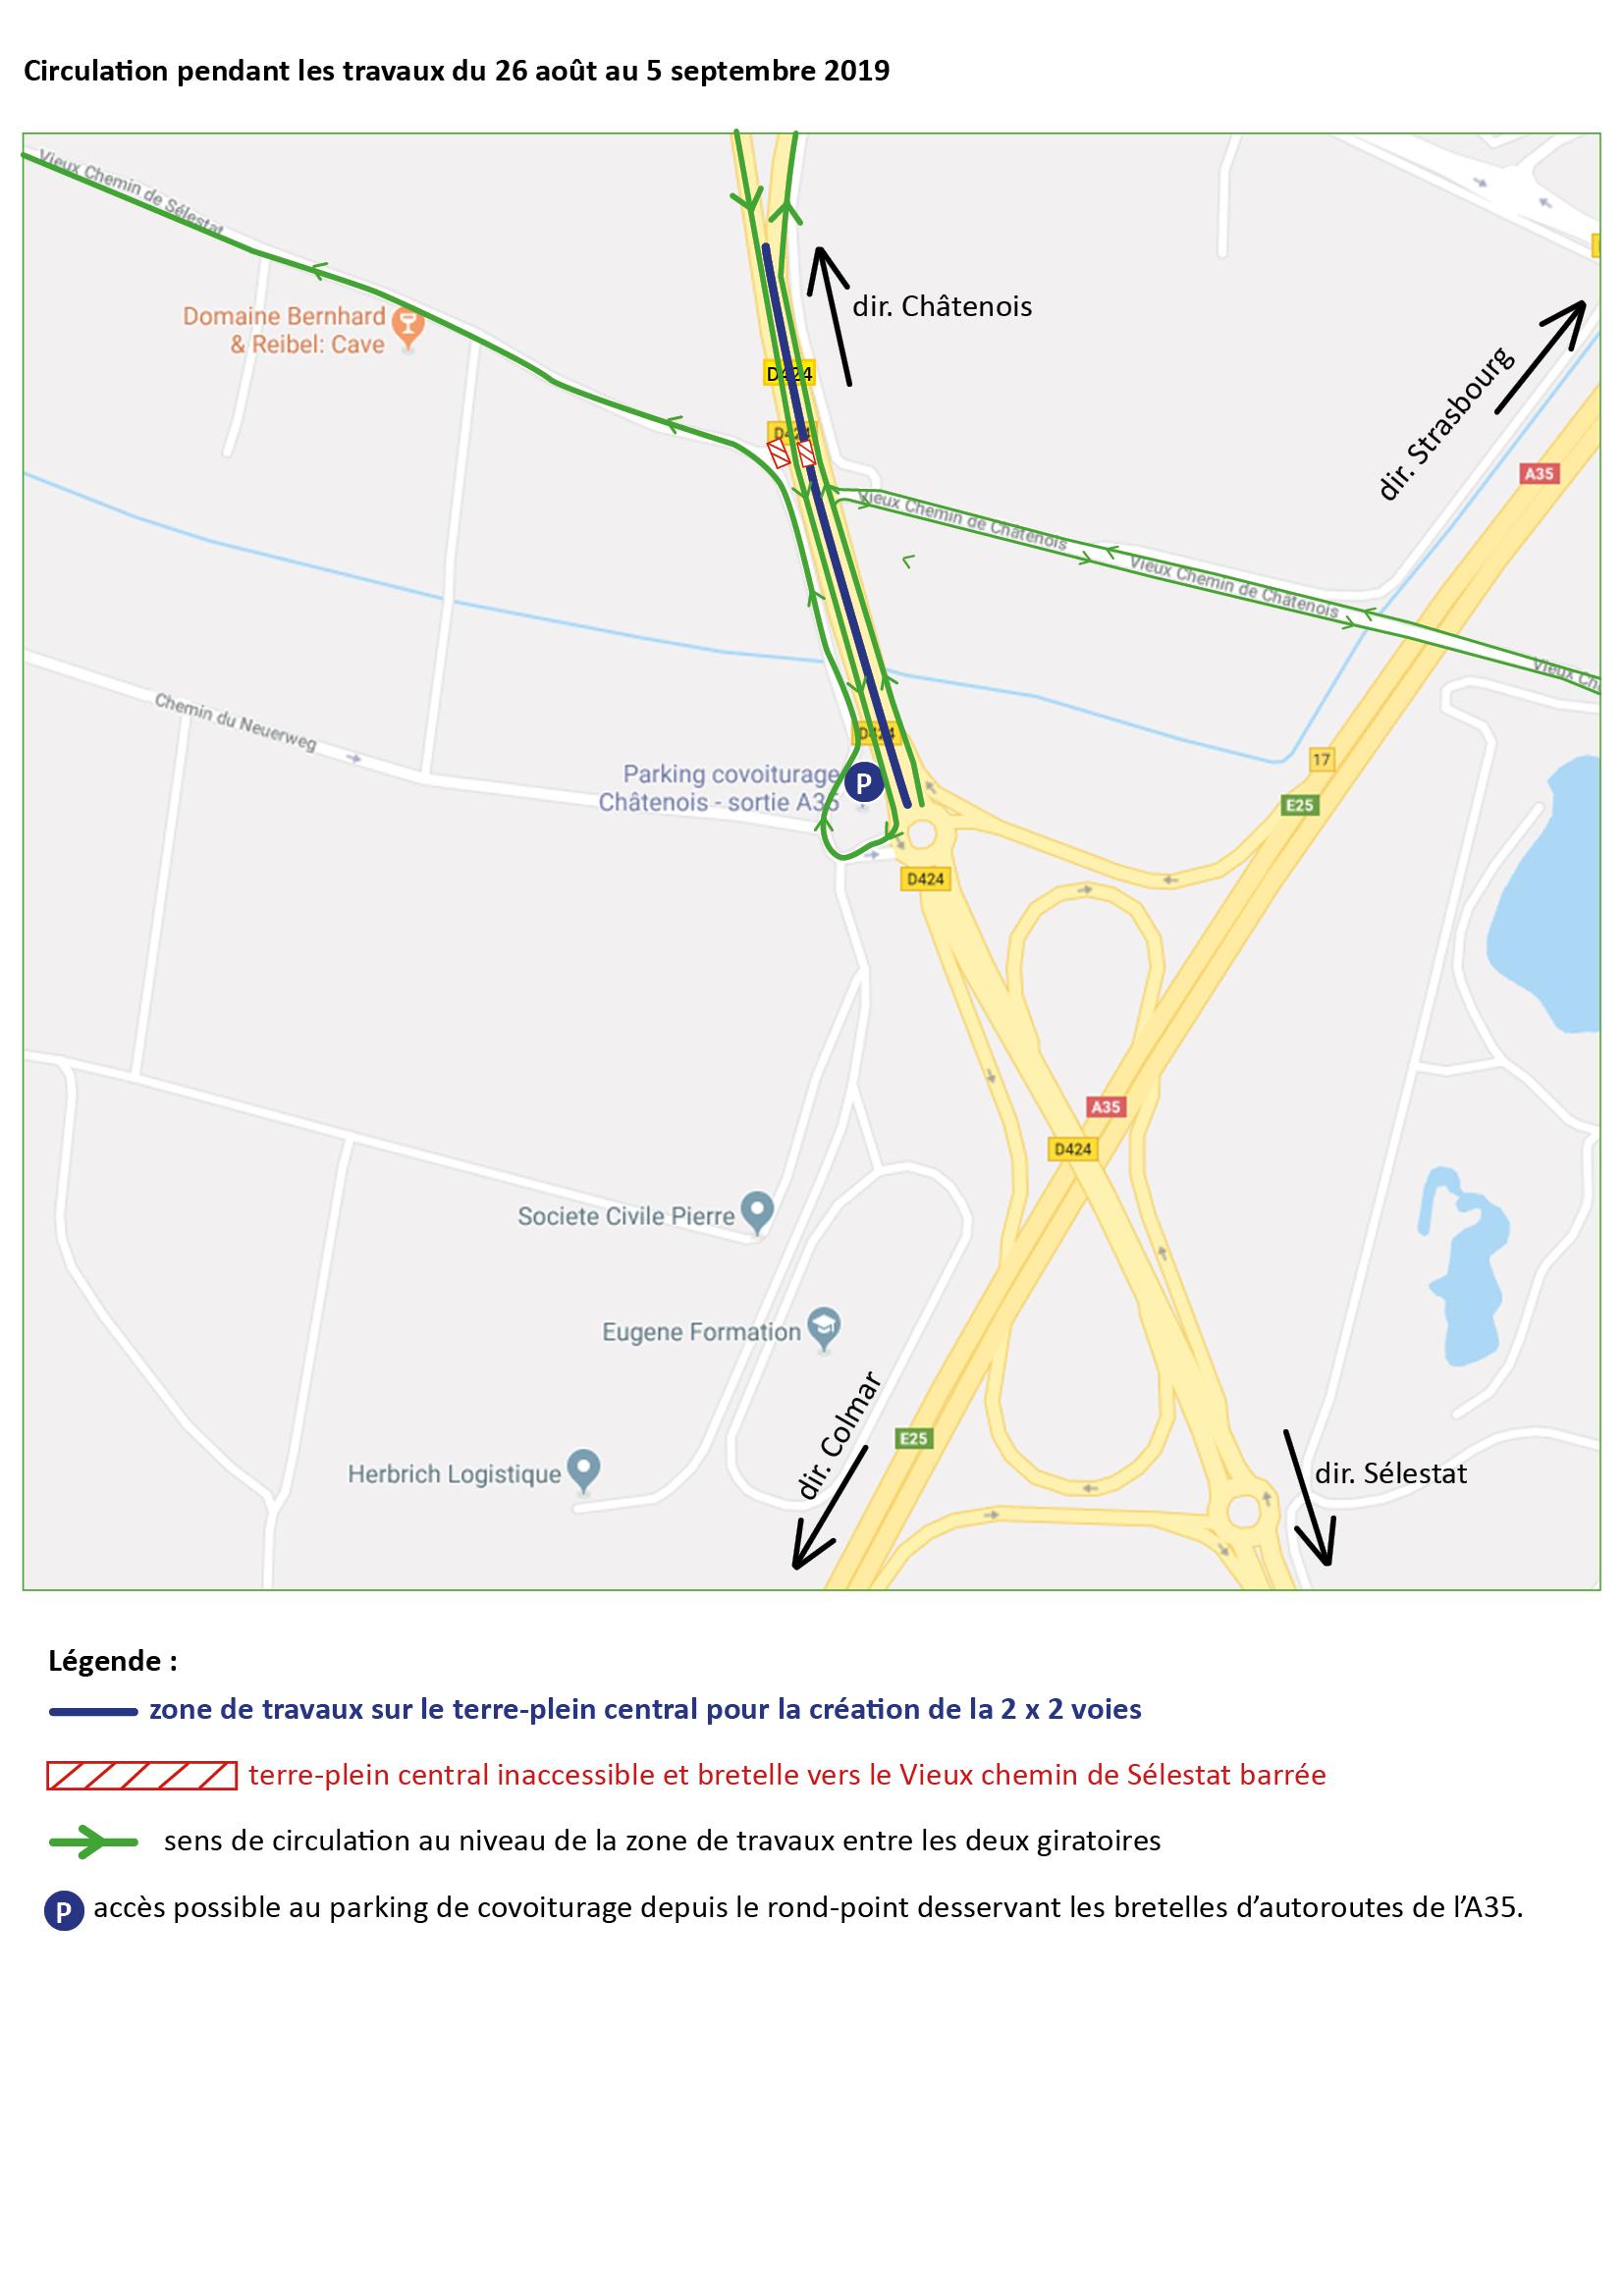 Carte route barree vieux chemin 26-08 au 05-09-2019